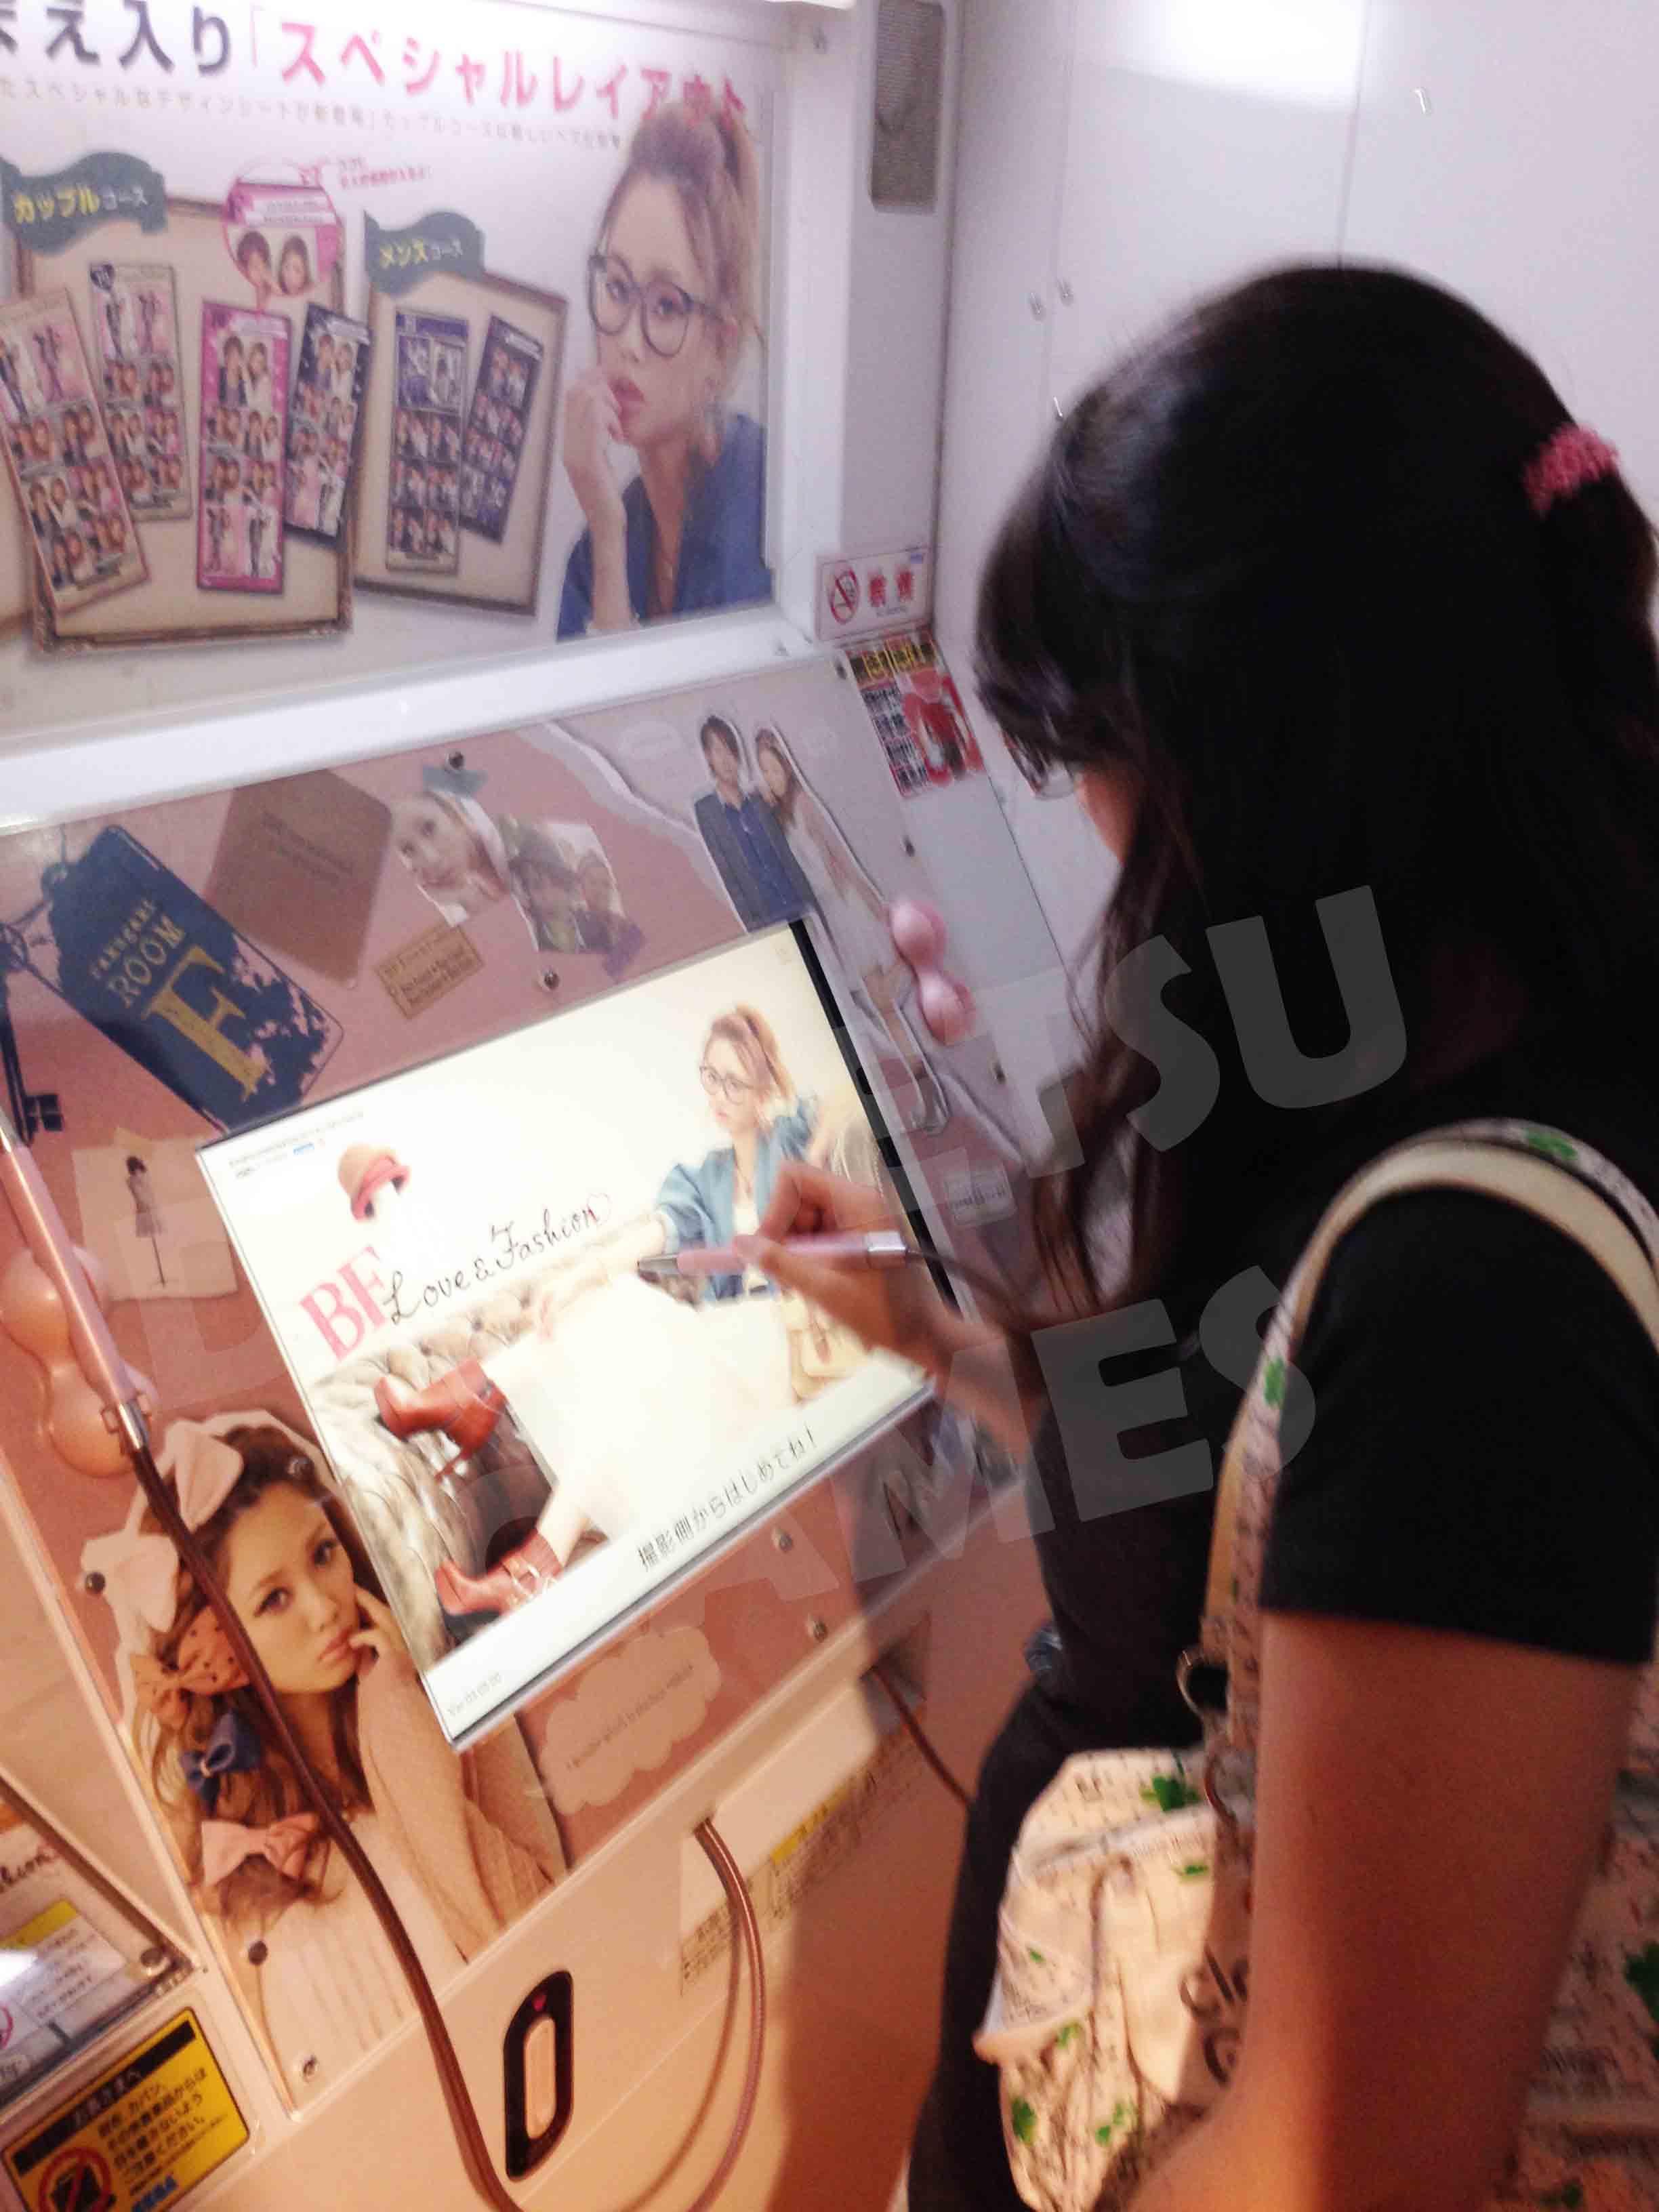 Edição de imagens em máquinas de Purikura